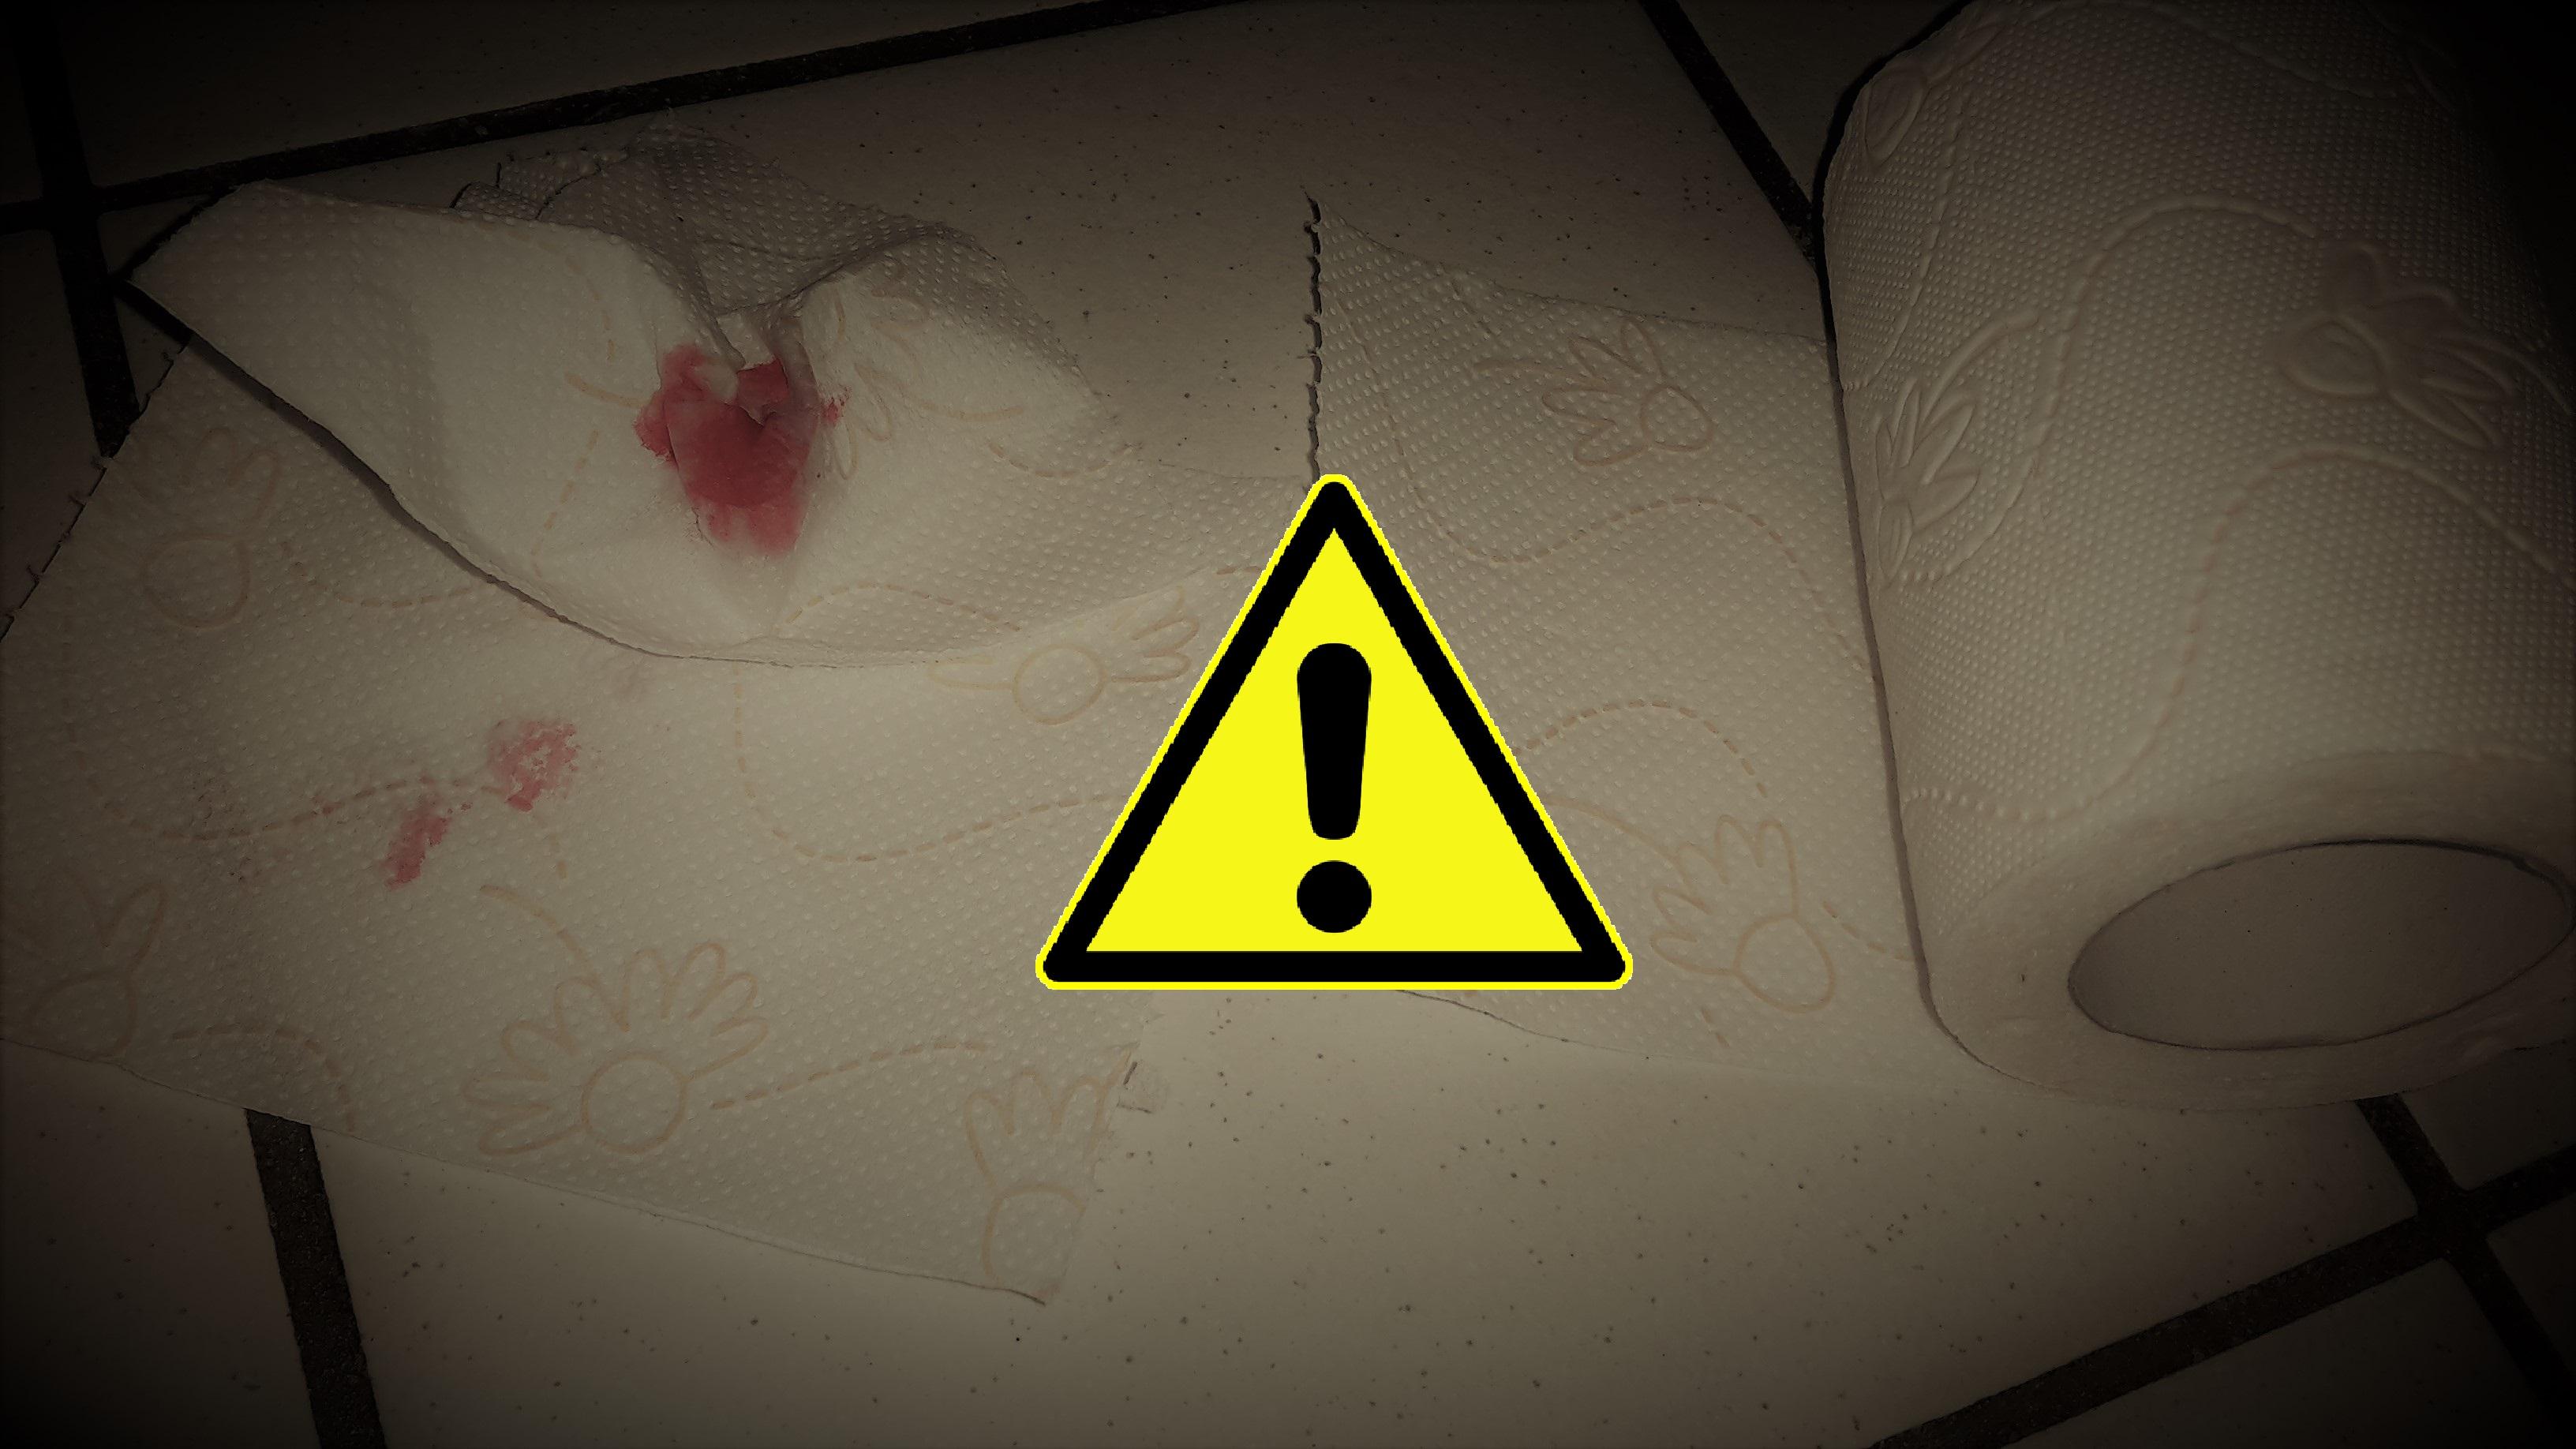 Hämorrhoiden Bluten 7 Tipps Um Die Blutung Im Stuhl Zu Stoppen